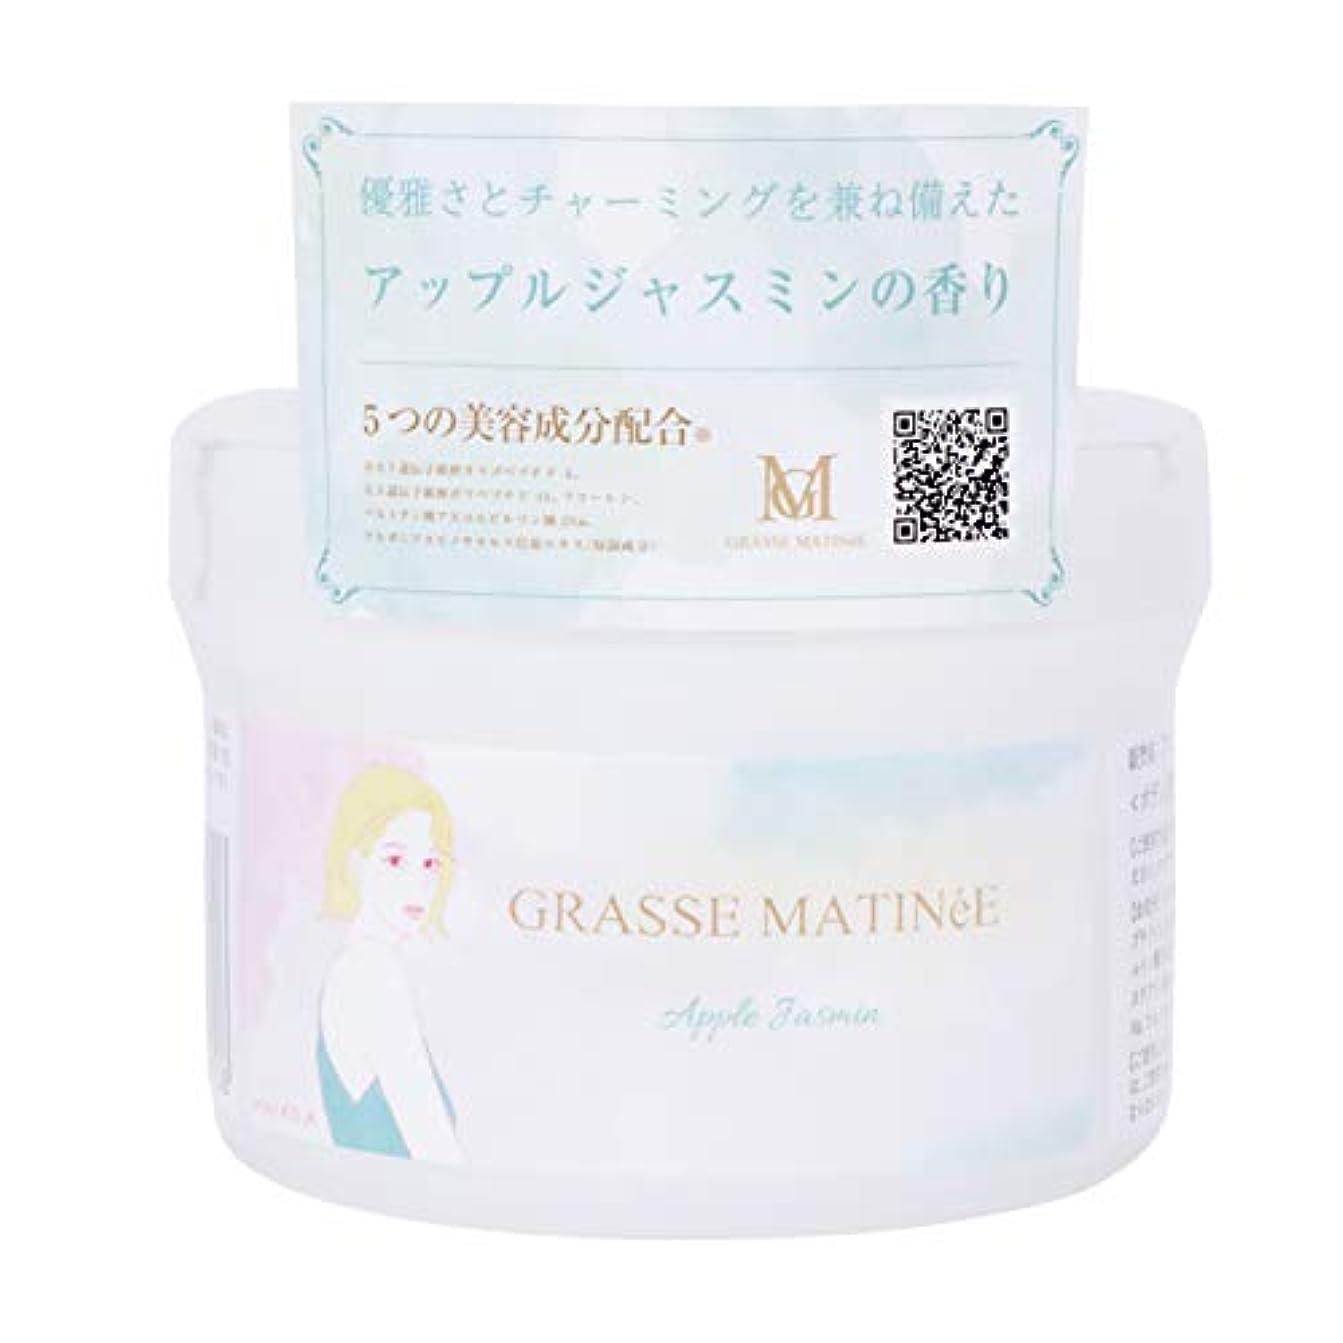 グラスマティネ フレグランス ボディスクラブ アップルジャスミンの香り シュガータイプ